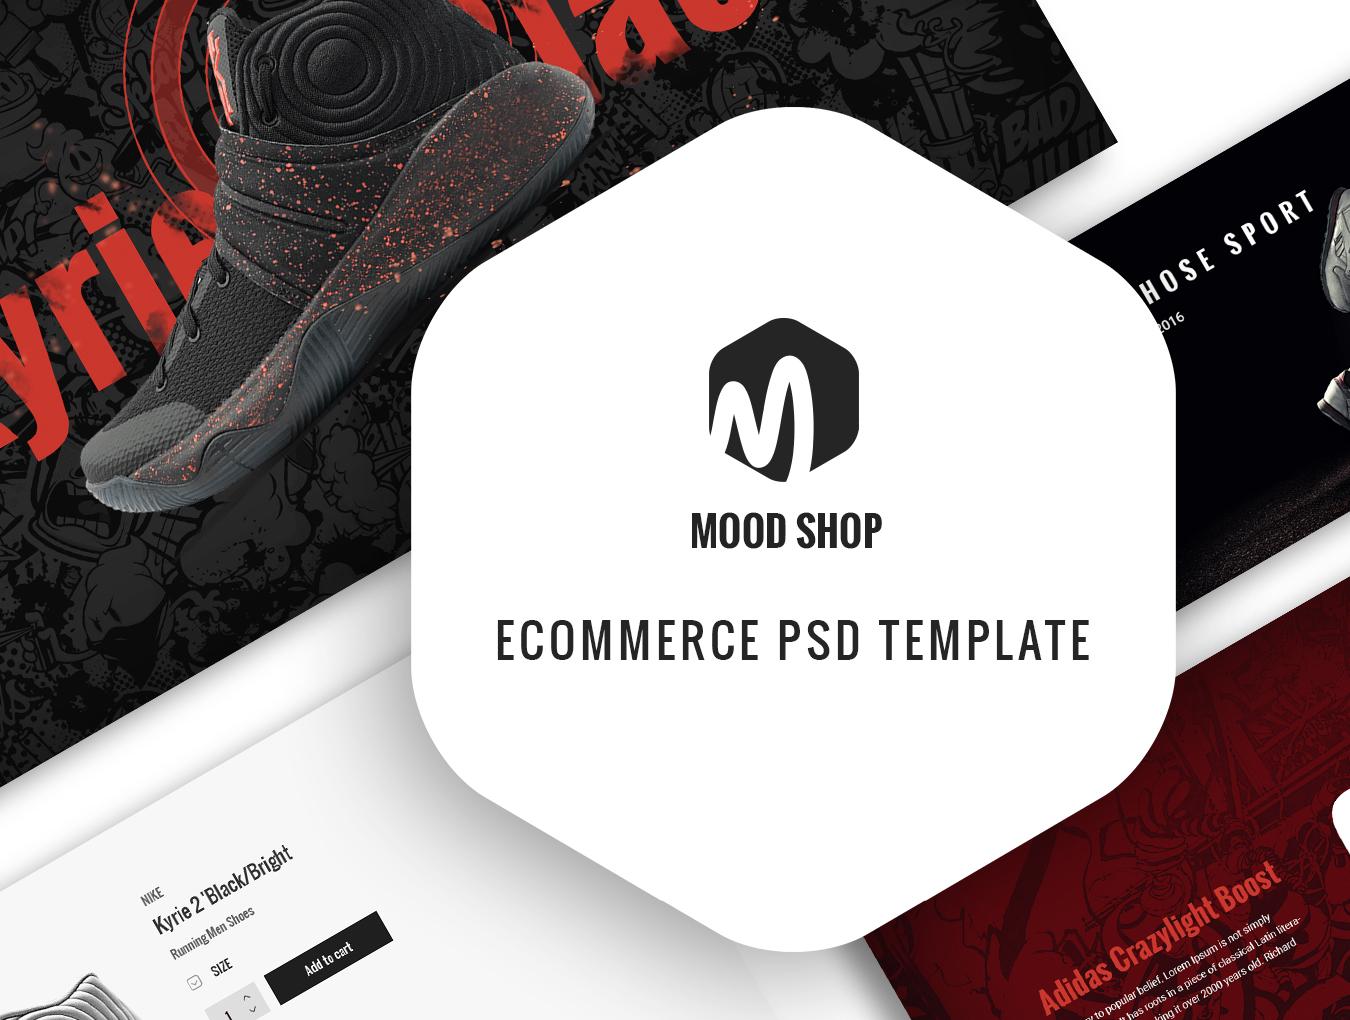 完整的鞋类电商平台MoodShop网站设计.psd素材下载 VIP网页模板-第1张